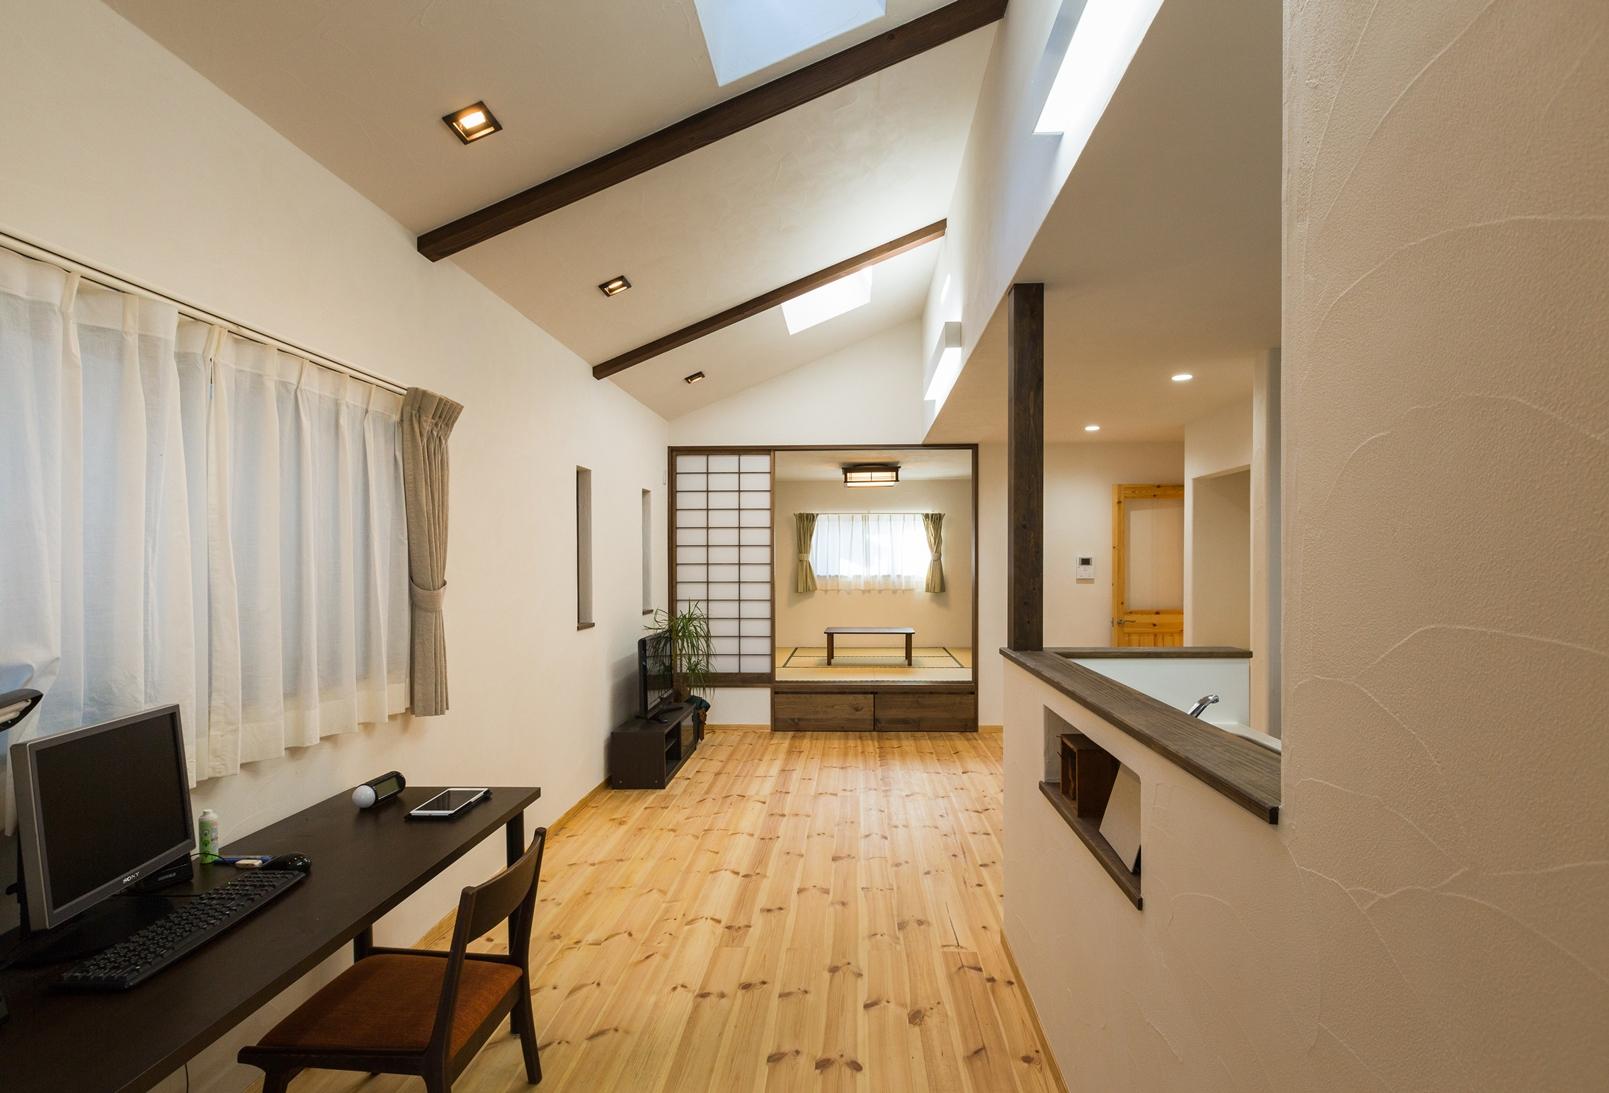 自然素材が心地良い 和風モダンスタイルの平屋住宅